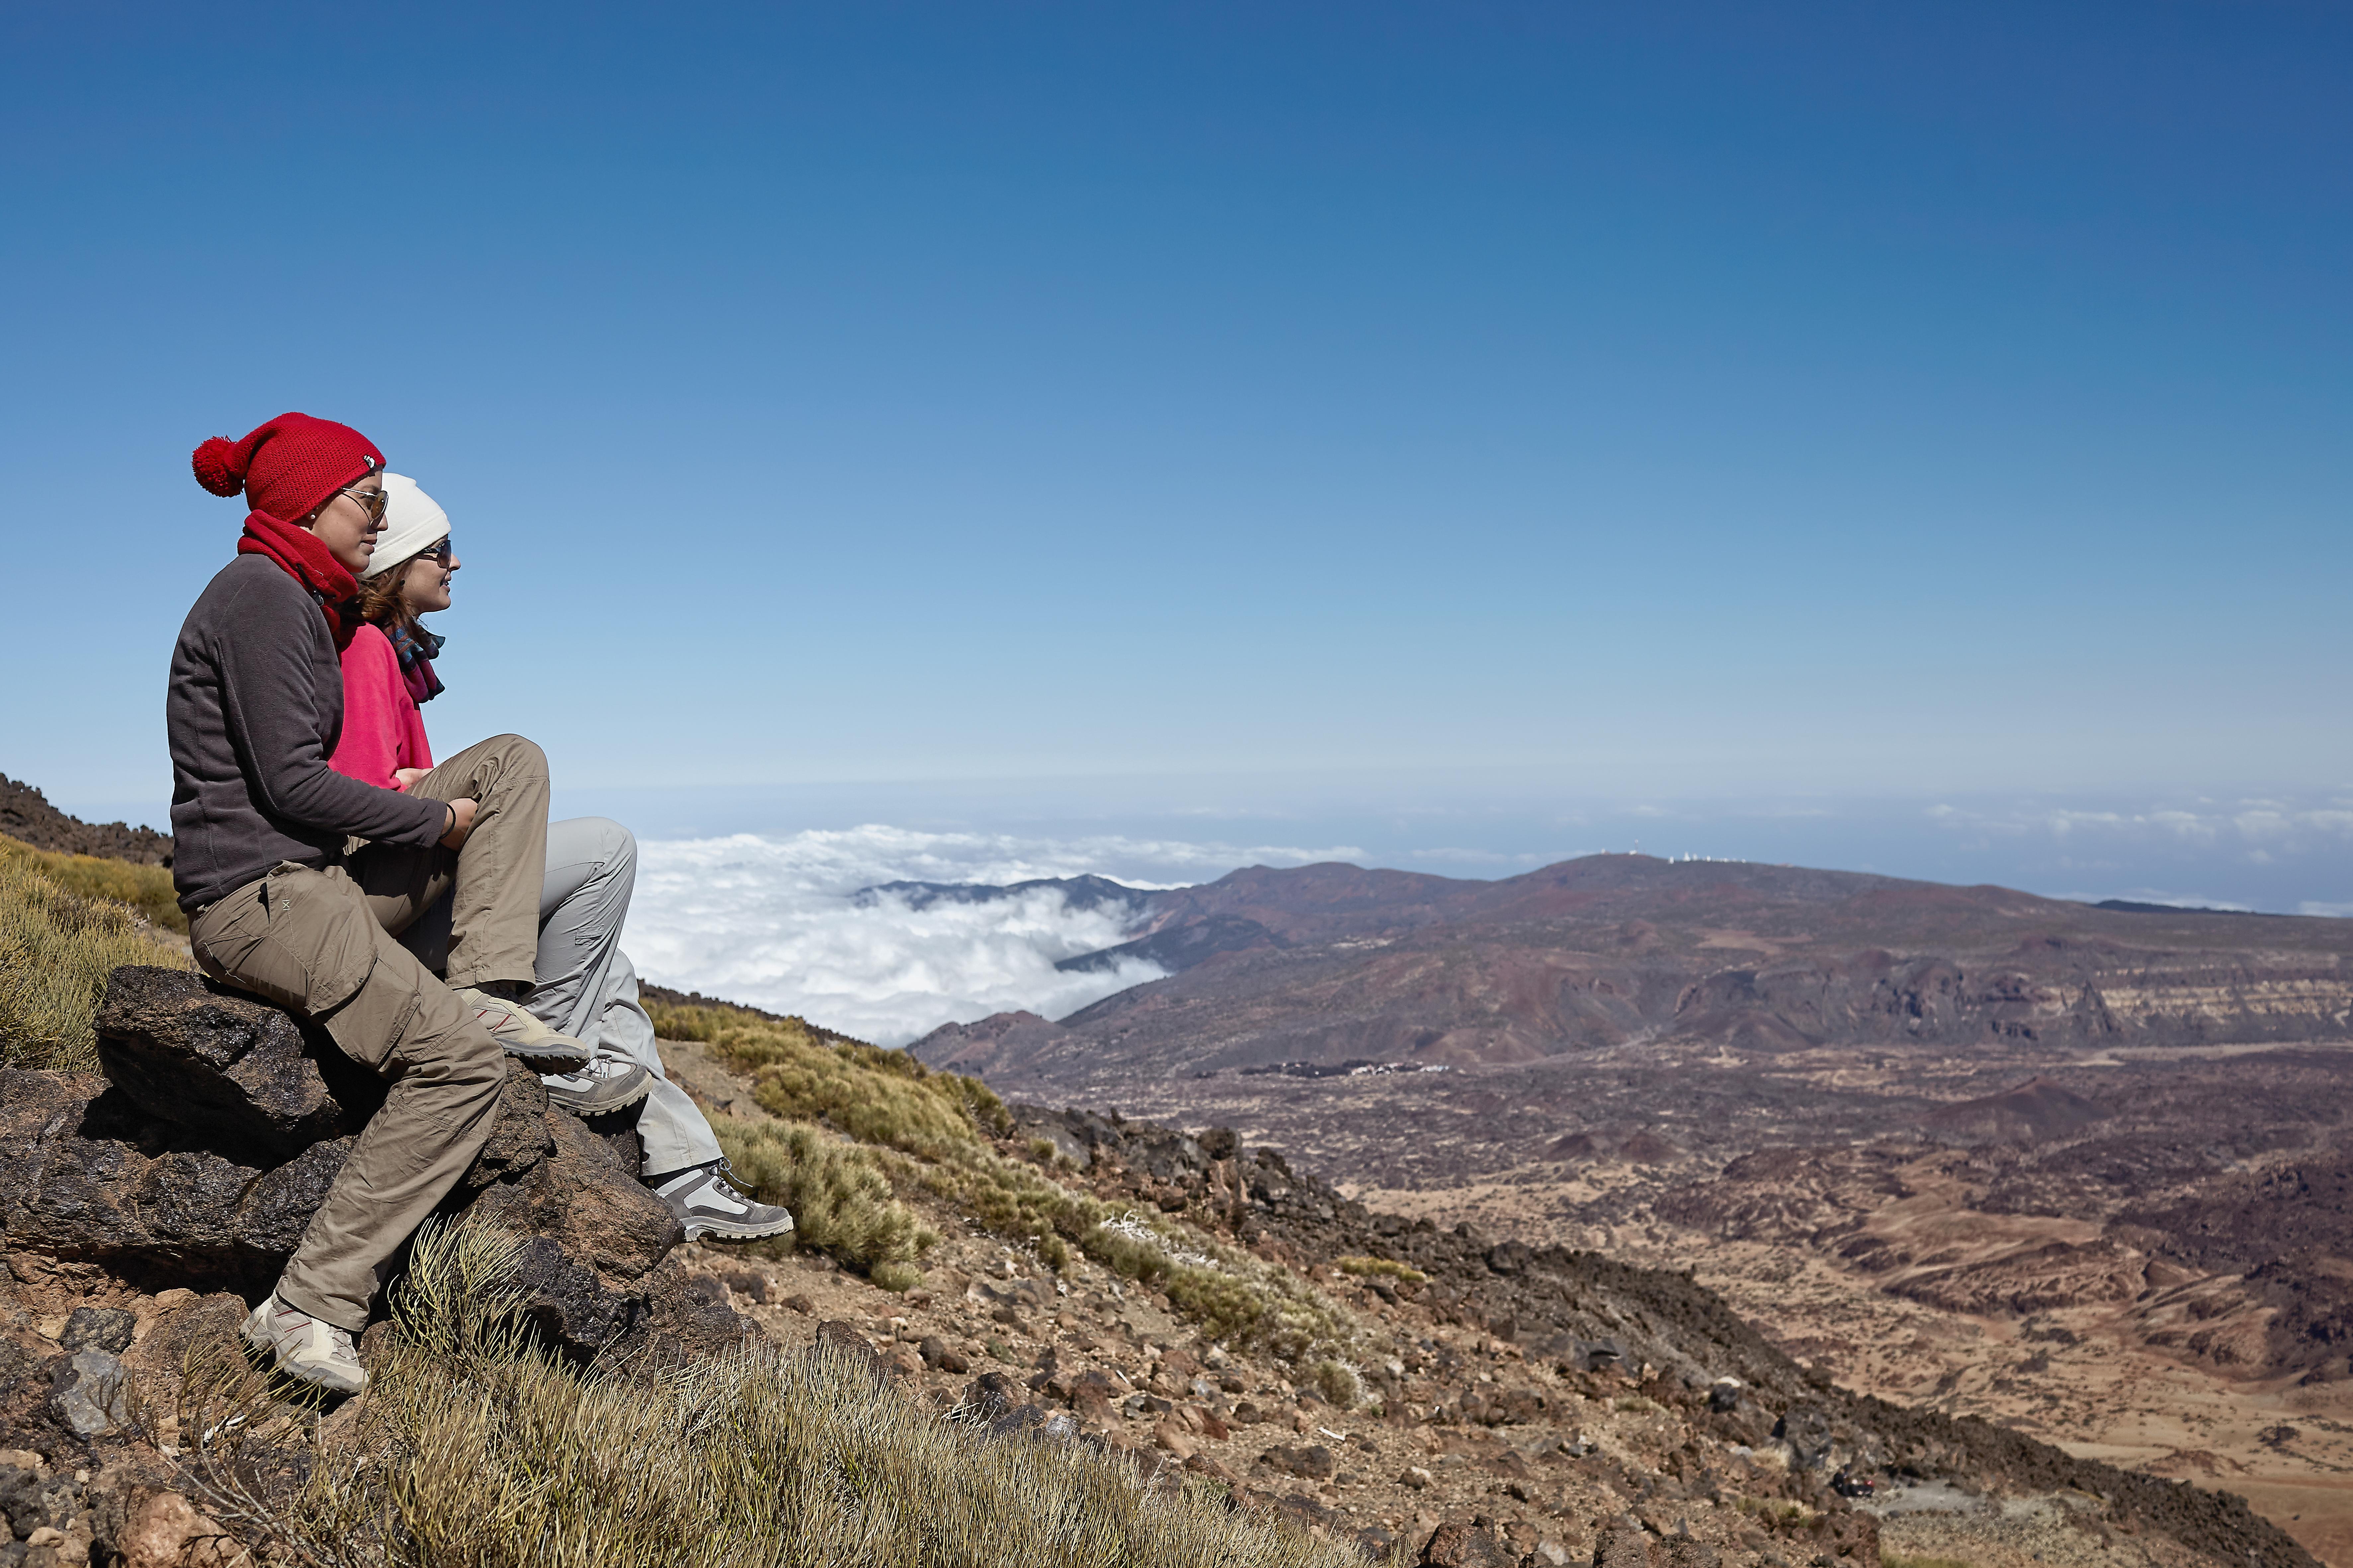 Randonneurs en train de contempler le paysage depuis le sommet du Teide